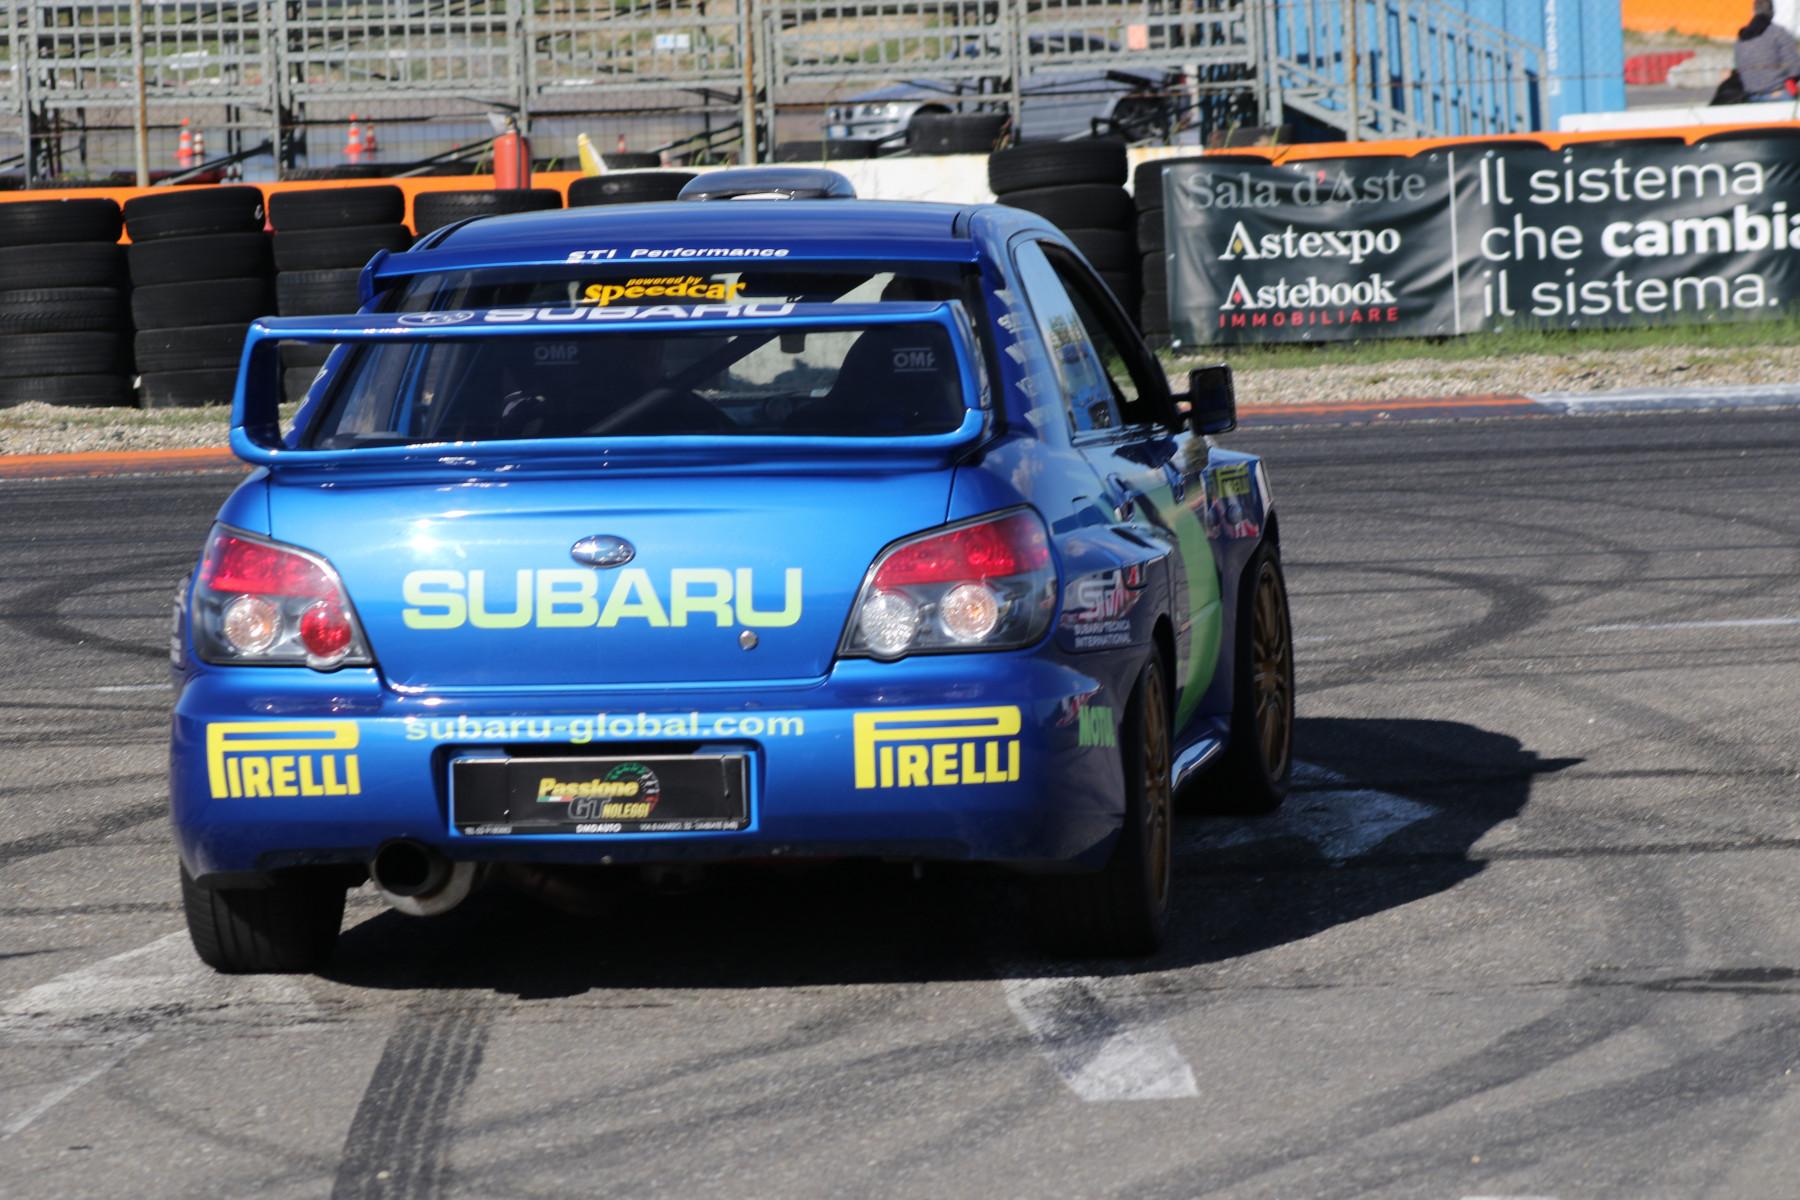 Guida sportiva in Subaru Impreza WRC all'Autodromo di Lombardore